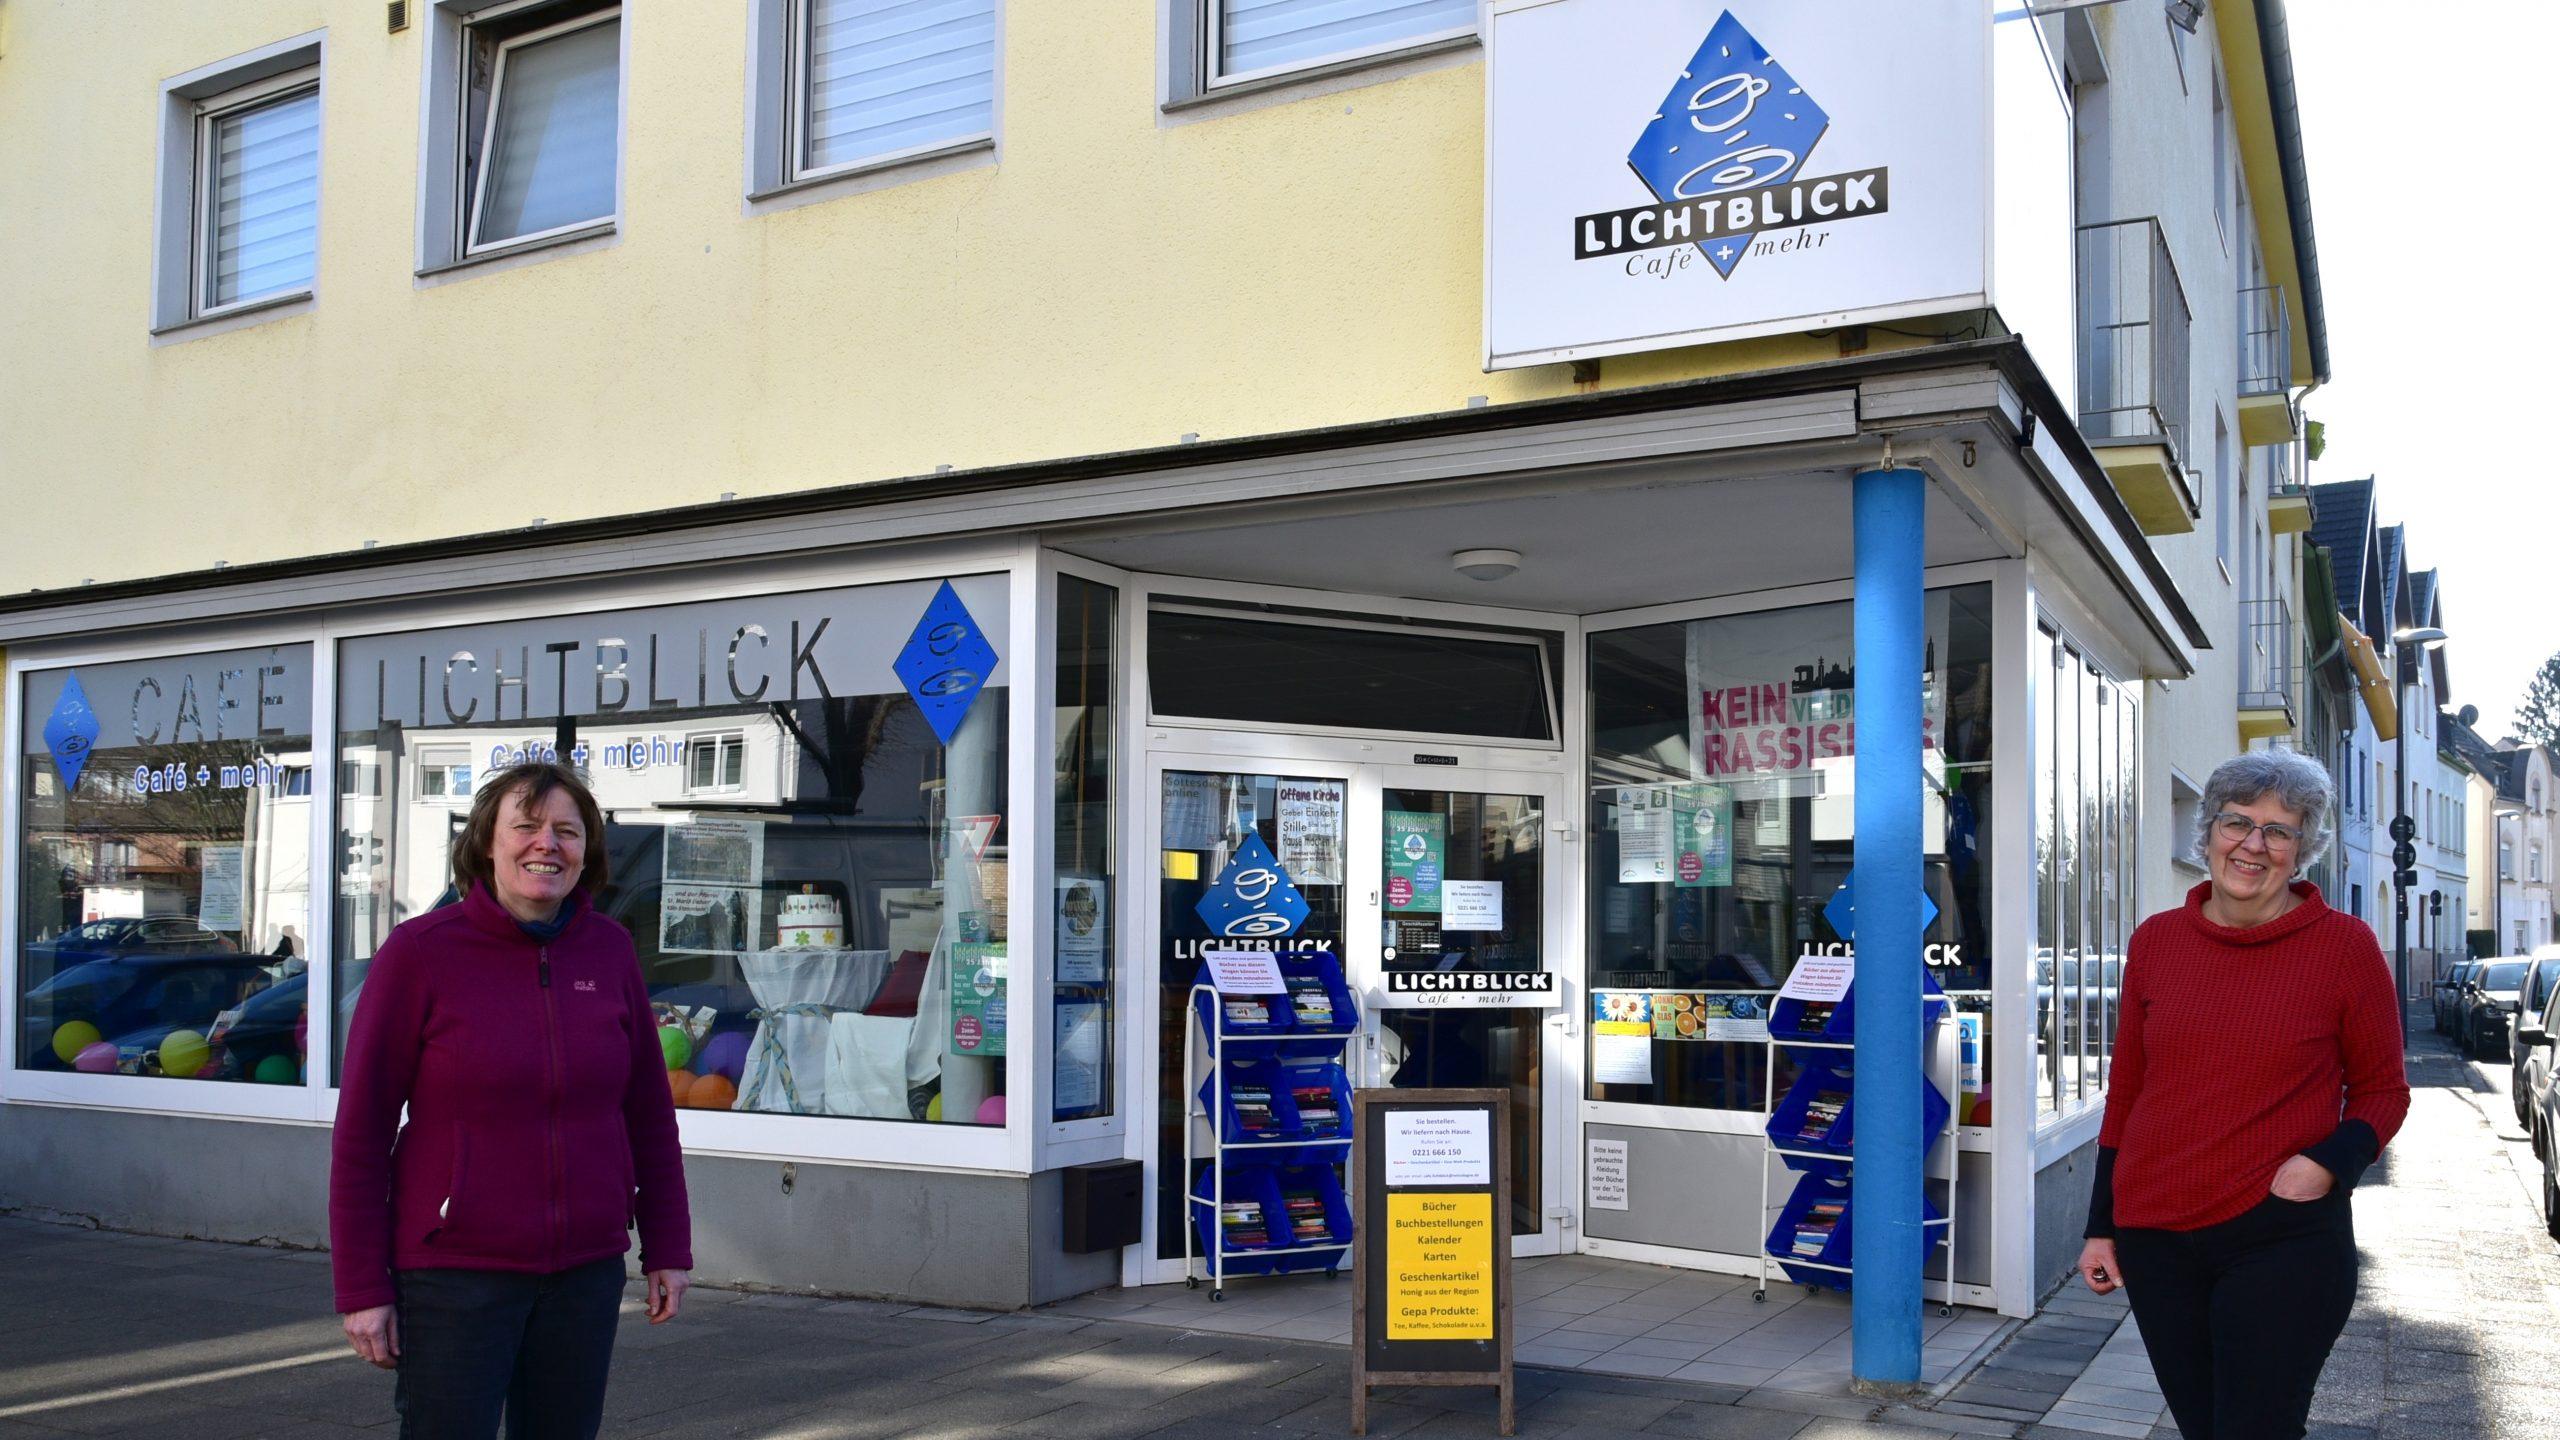 """25 Jahre ökumenische Begegnungsstätte """"Lichtblick – Café + mehr"""" in Köln-Stammheim"""